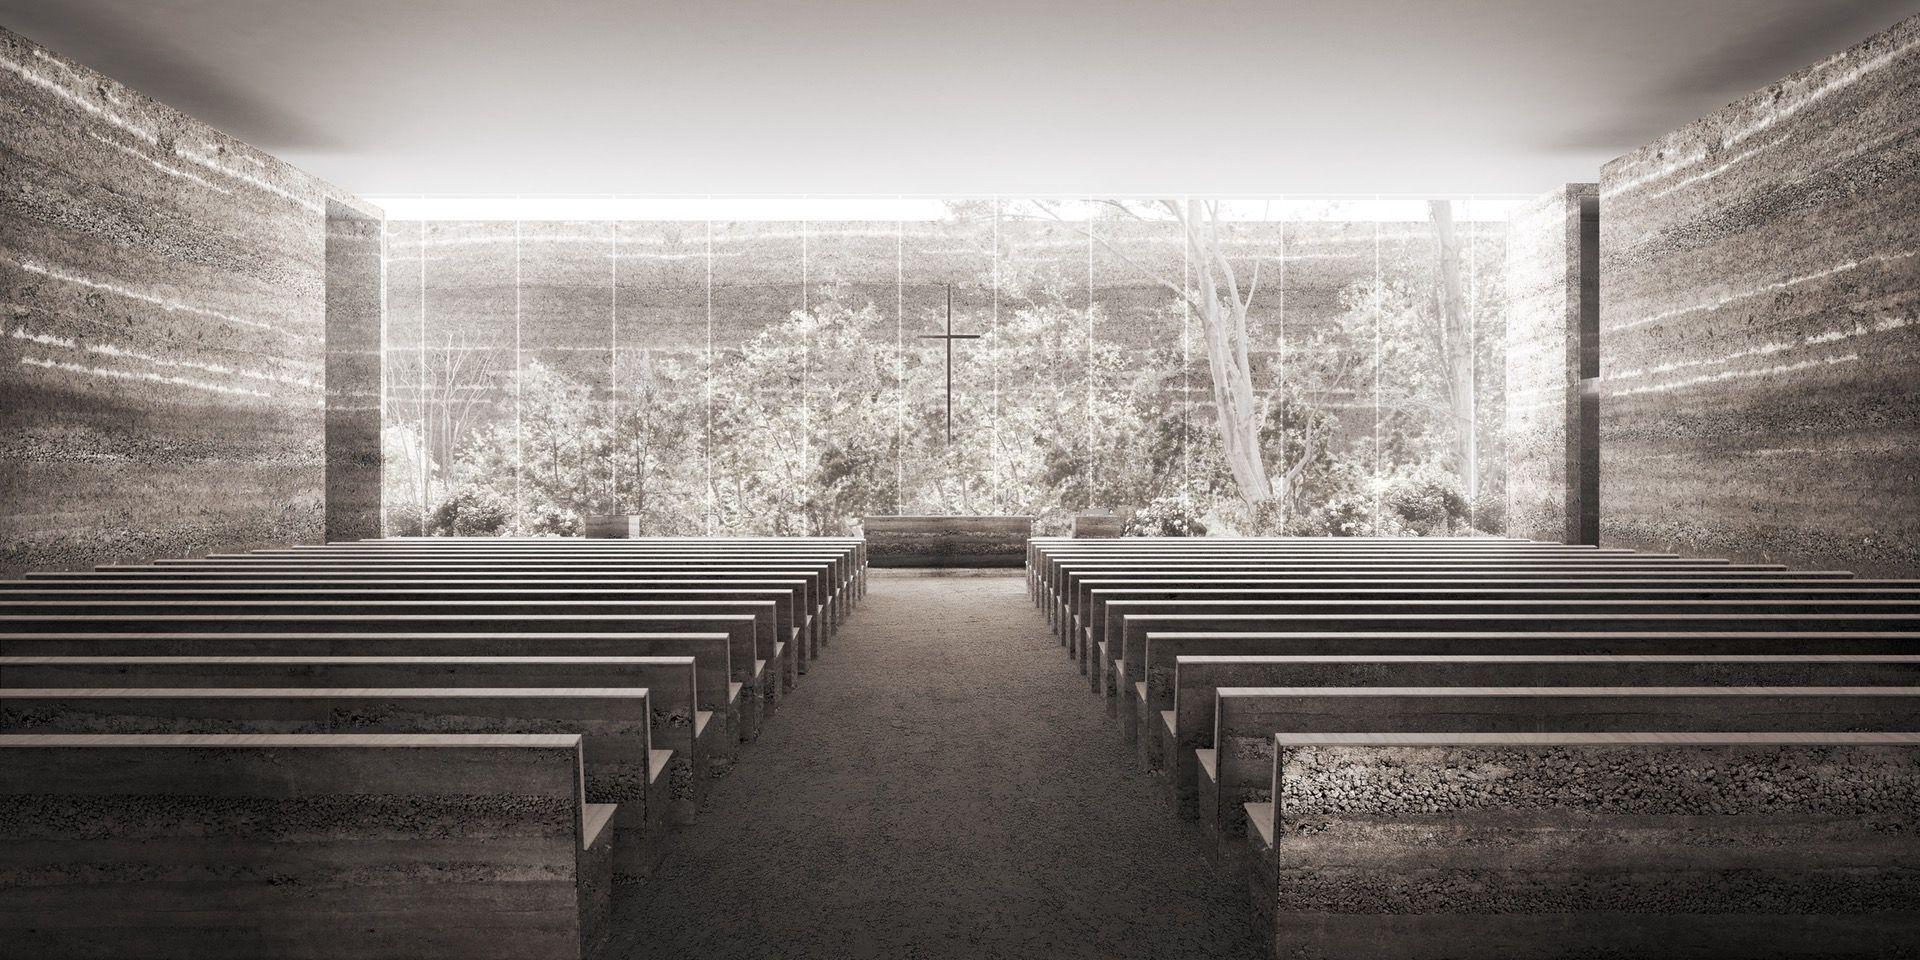 [Wrocław] Projekt kościoła na Nowych Żernikach walczy w międzynarodowym konkursie [WIZUALIZACJE]